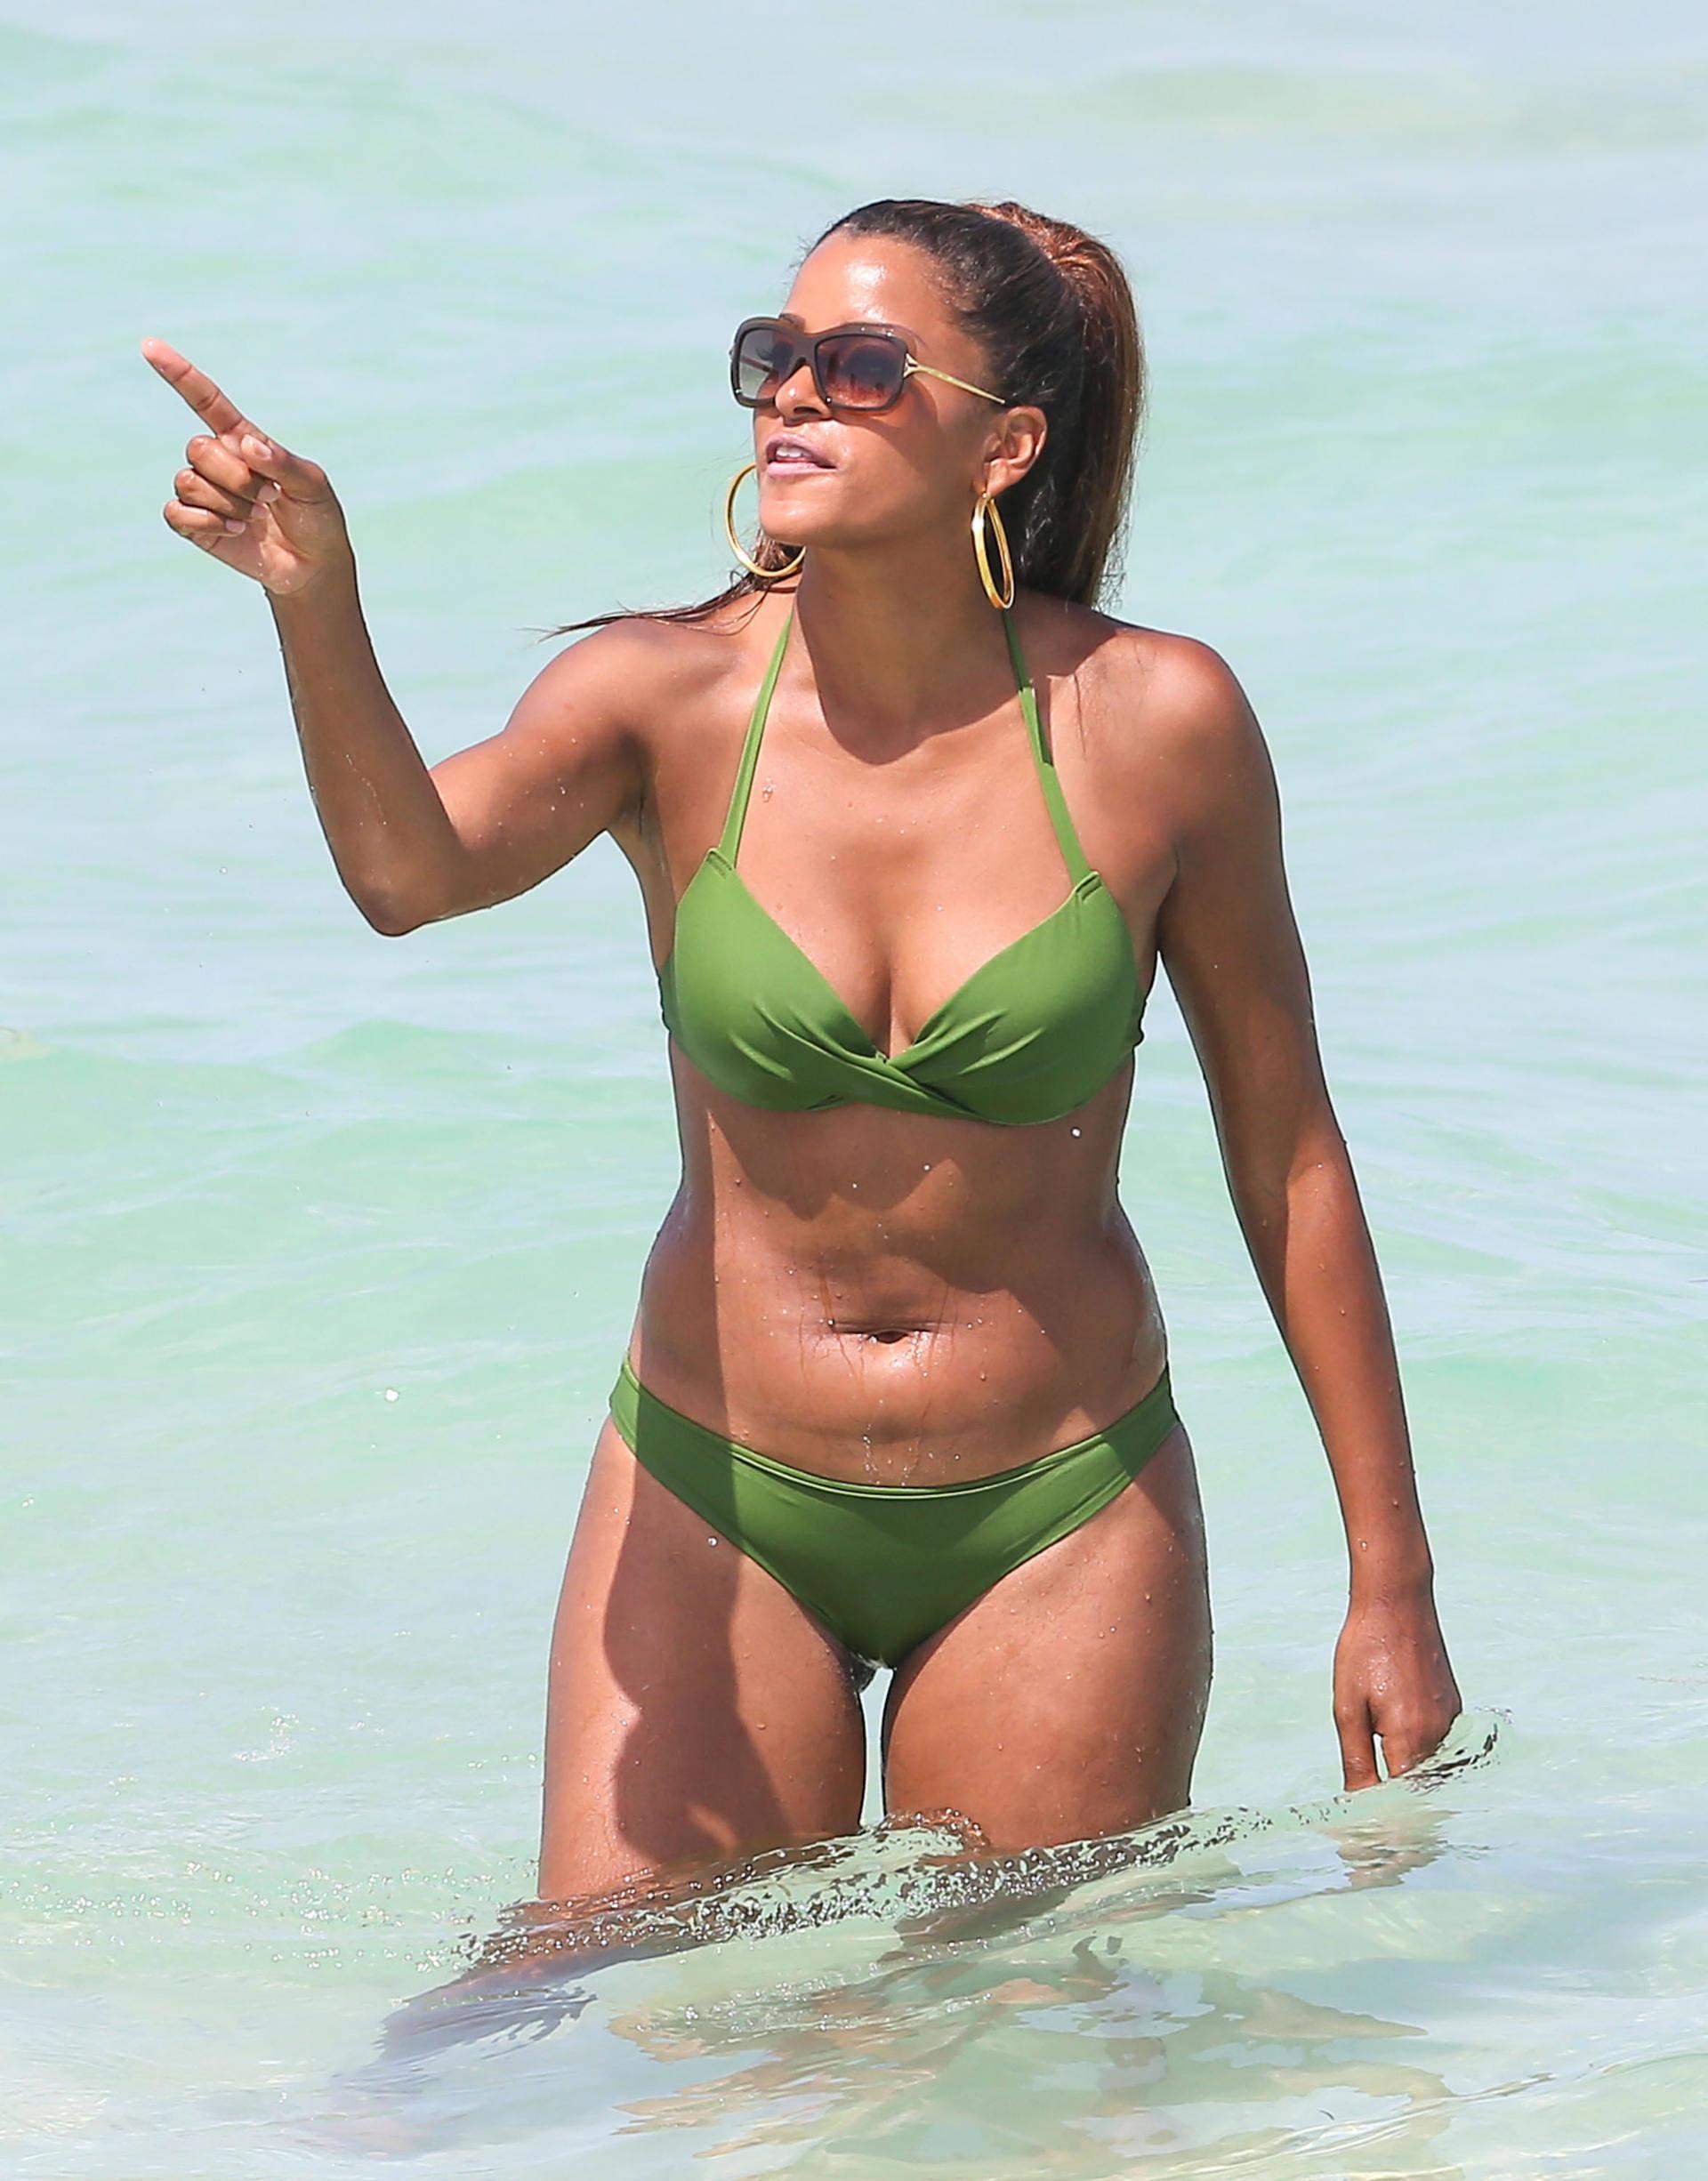 Claudia jordan bikini pics